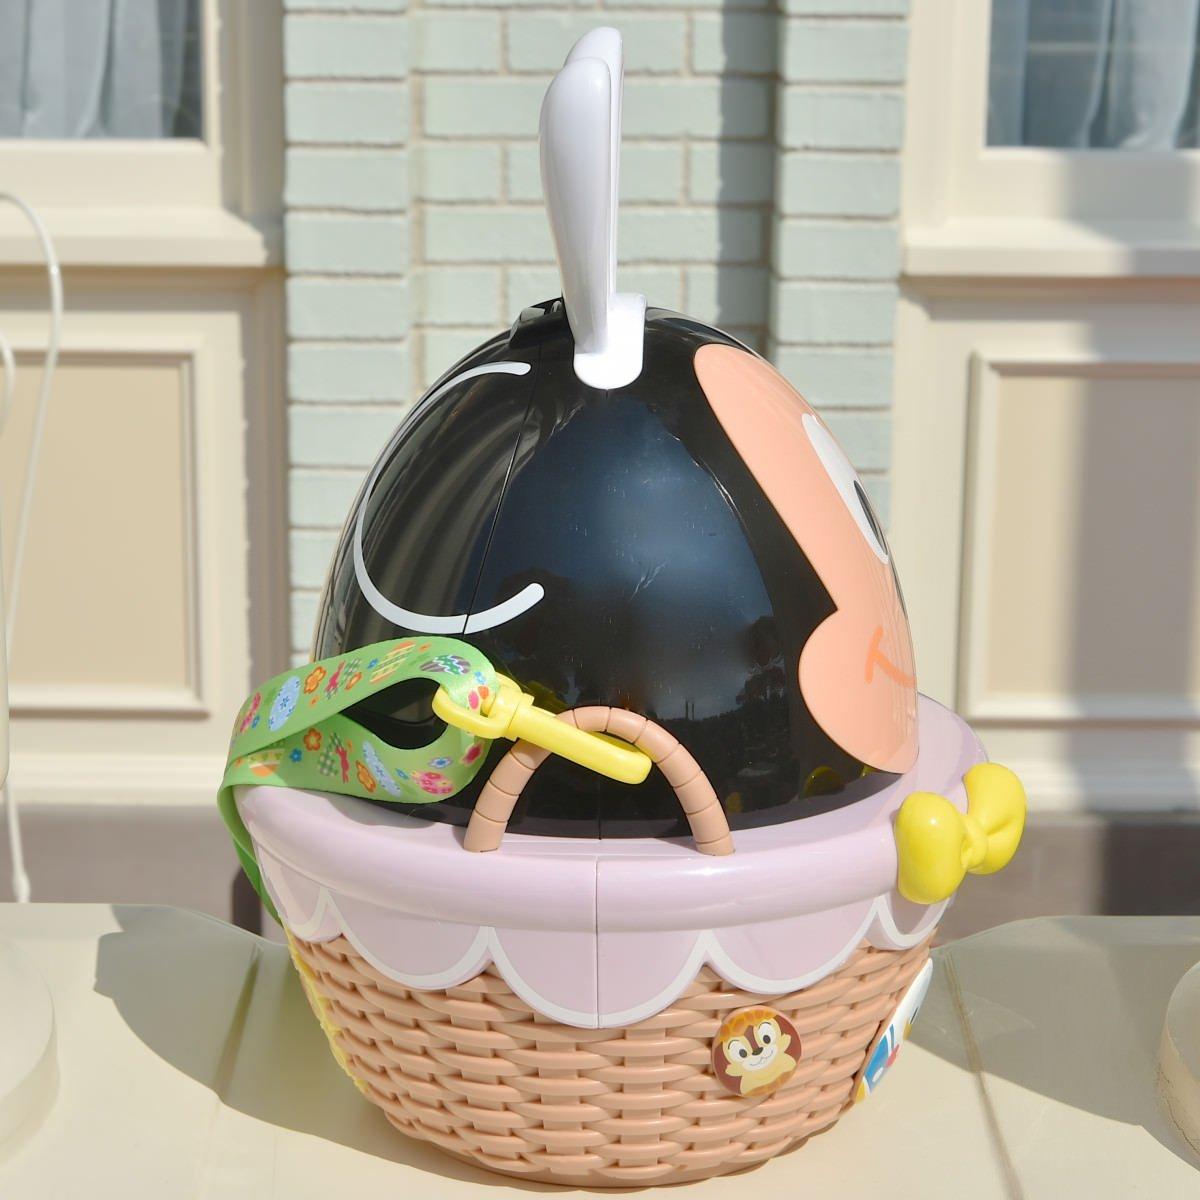 X射線【C141003】日本東京迪士尼代購-米奇Mickey 復活節彩蛋限定版造型爆米花桶,包包掛飾 / 鑰匙圈 / 置物桶 / 收納架 / 收納包 1